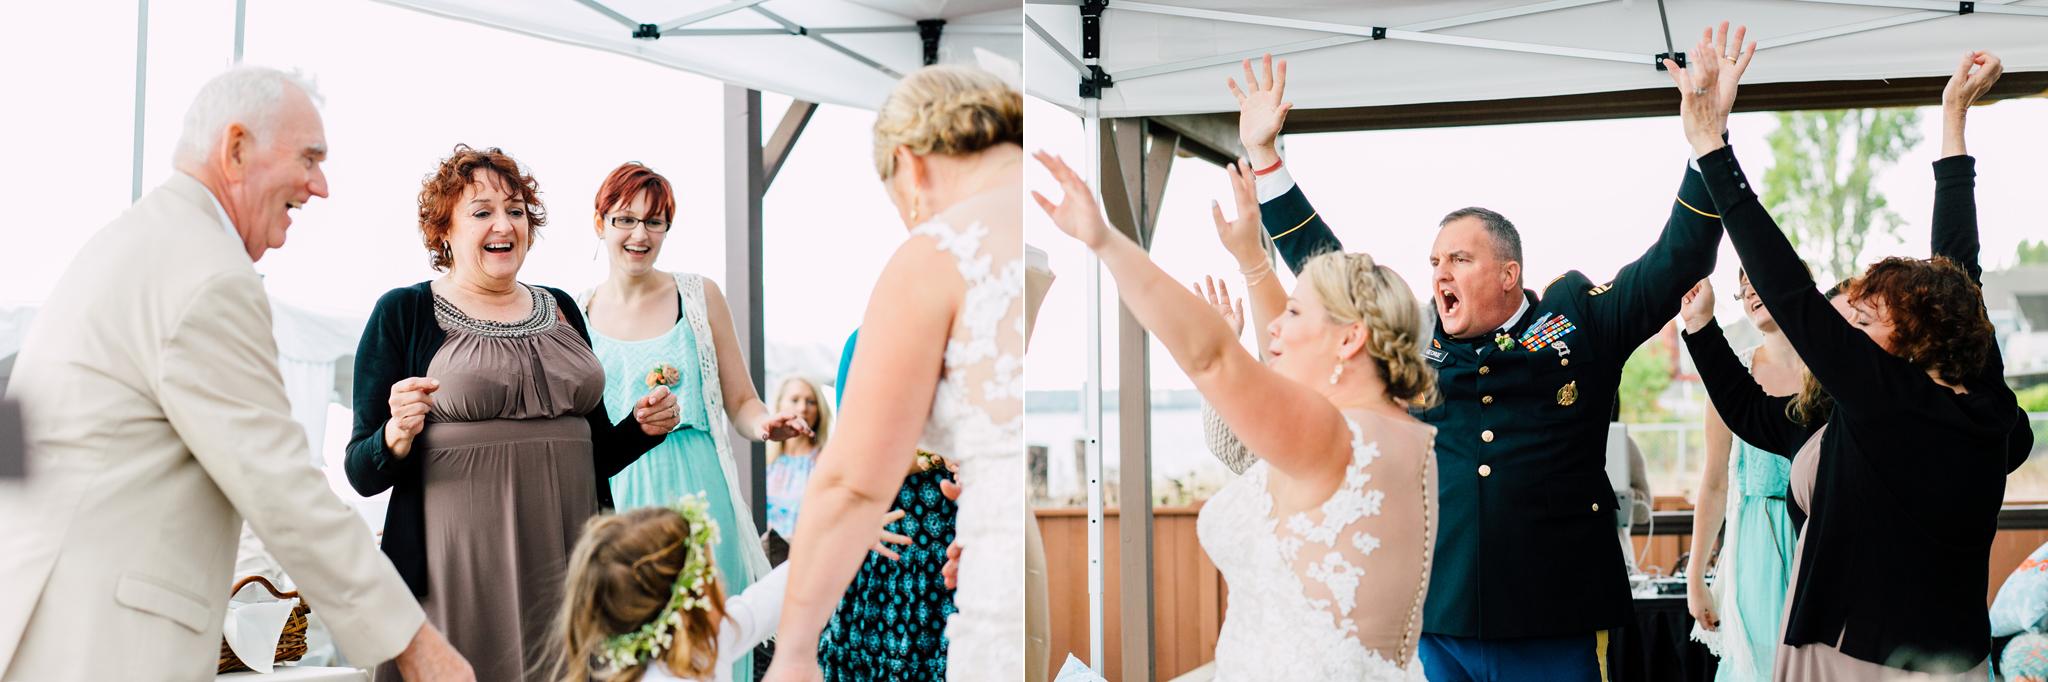 079-bellingham-wedding-photographer-beach-katheryn-moran-elisa-phillip.jpg